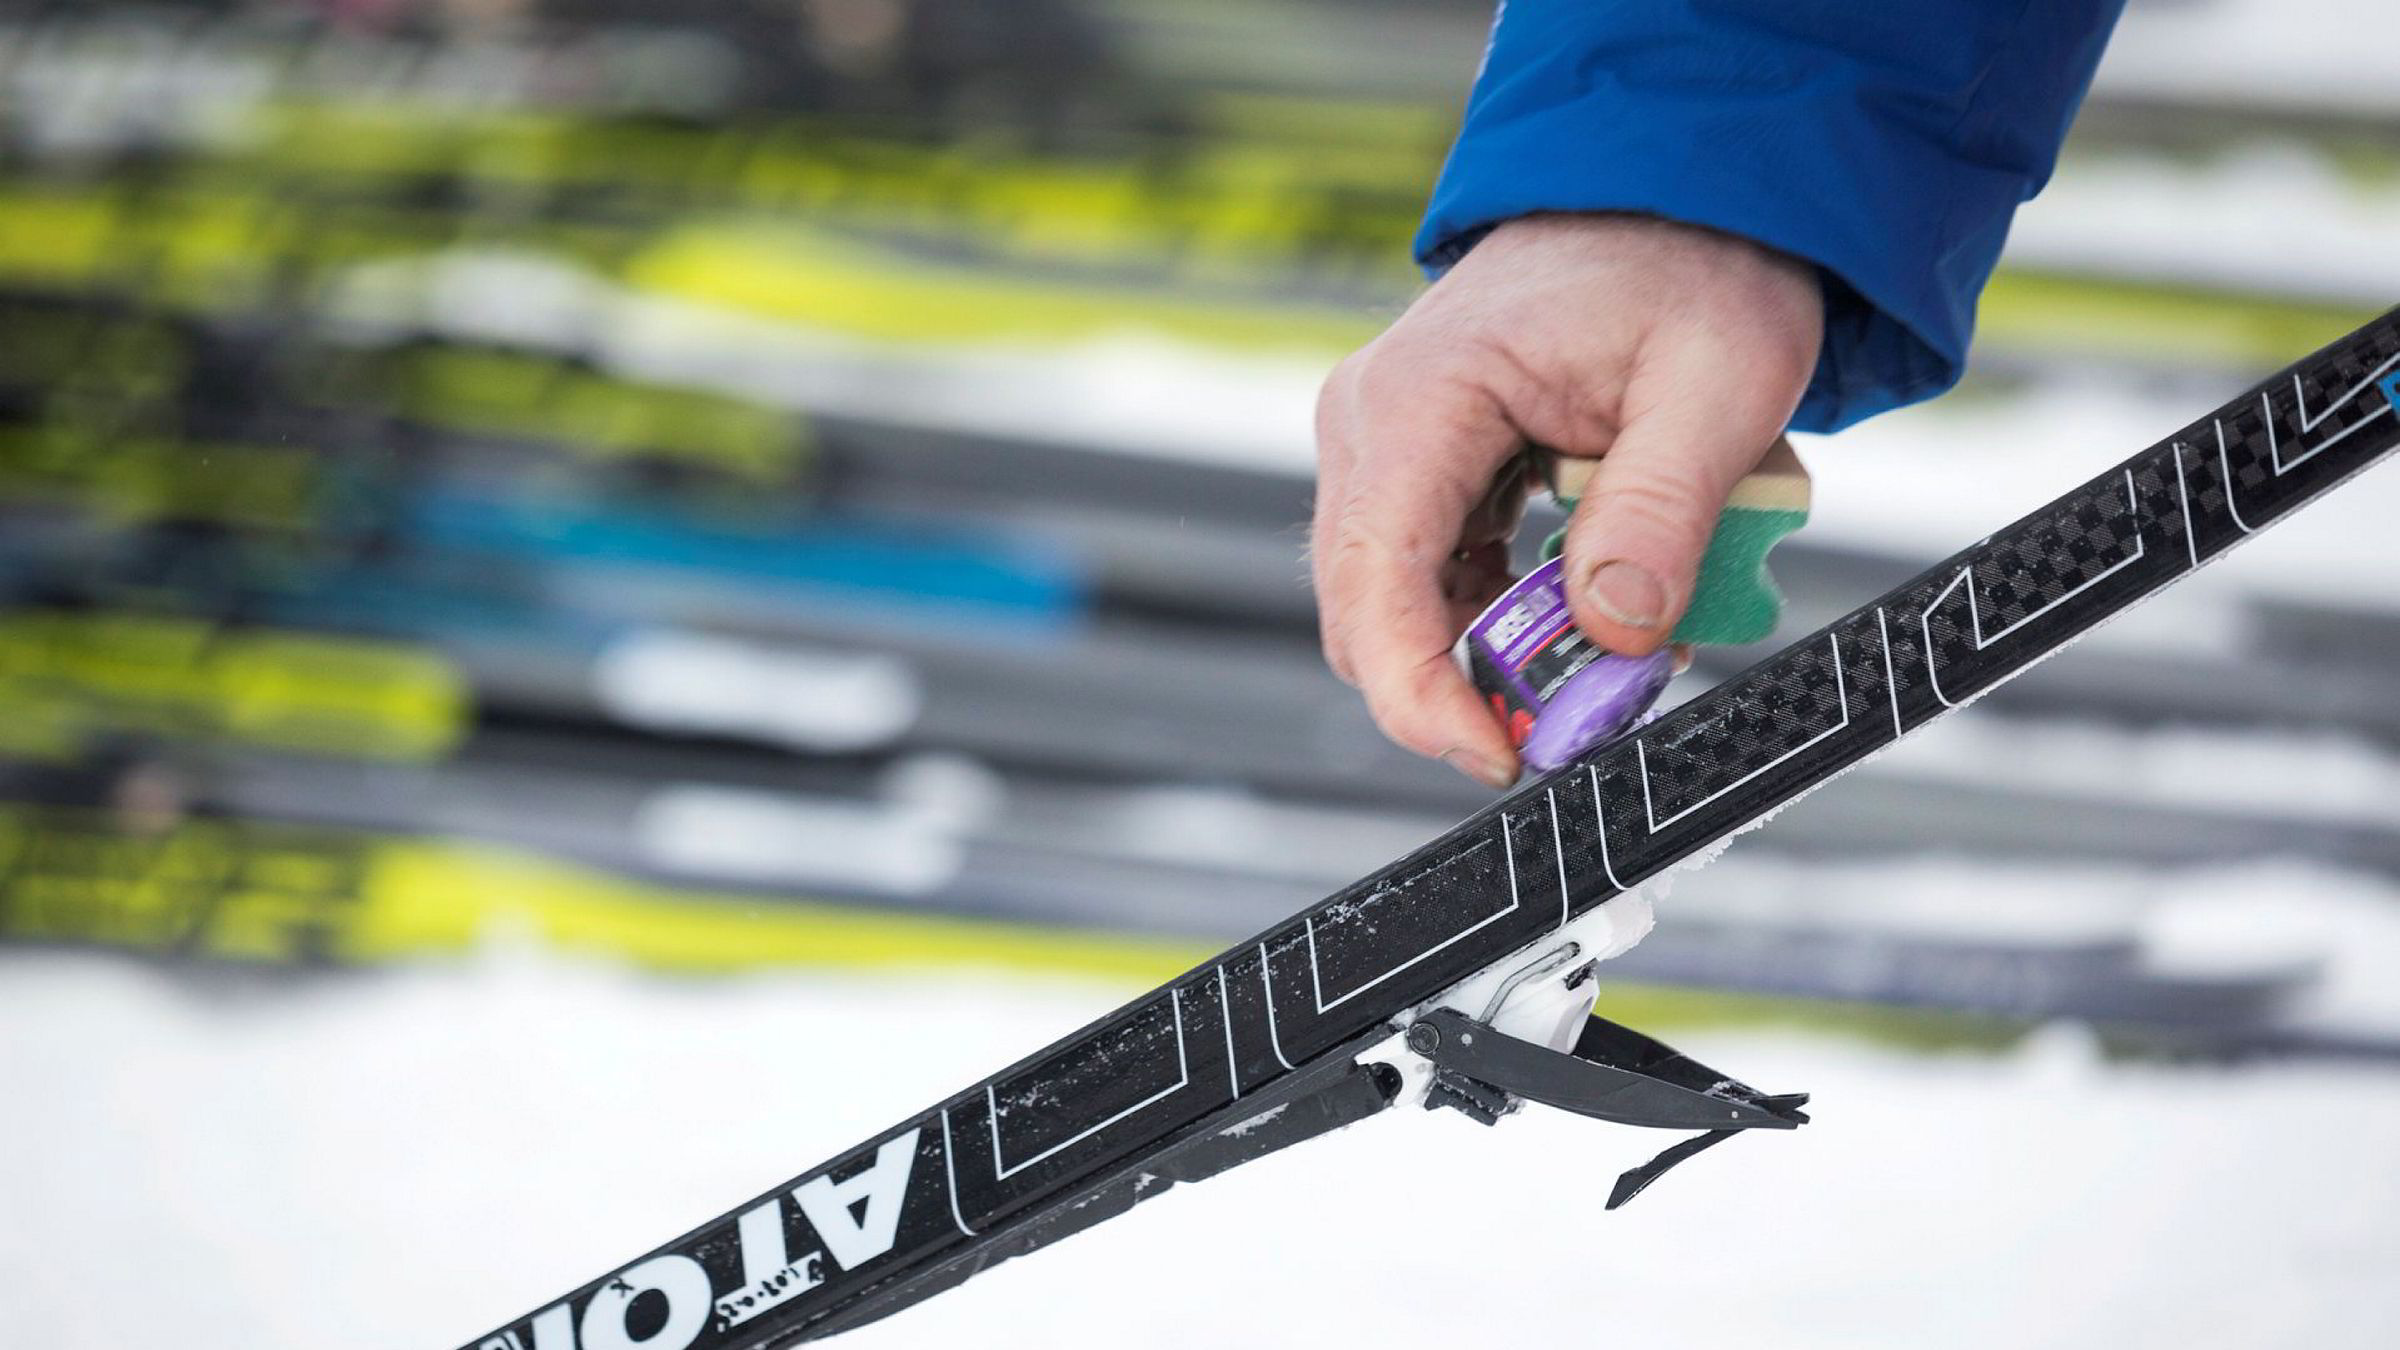 Det er 17 norske amatørsmørere og fem kontrollpersoner som har fått sine blodprøver testet i en ny undersøkelse utført av en legespesialist på bestilling for Dagbladet.